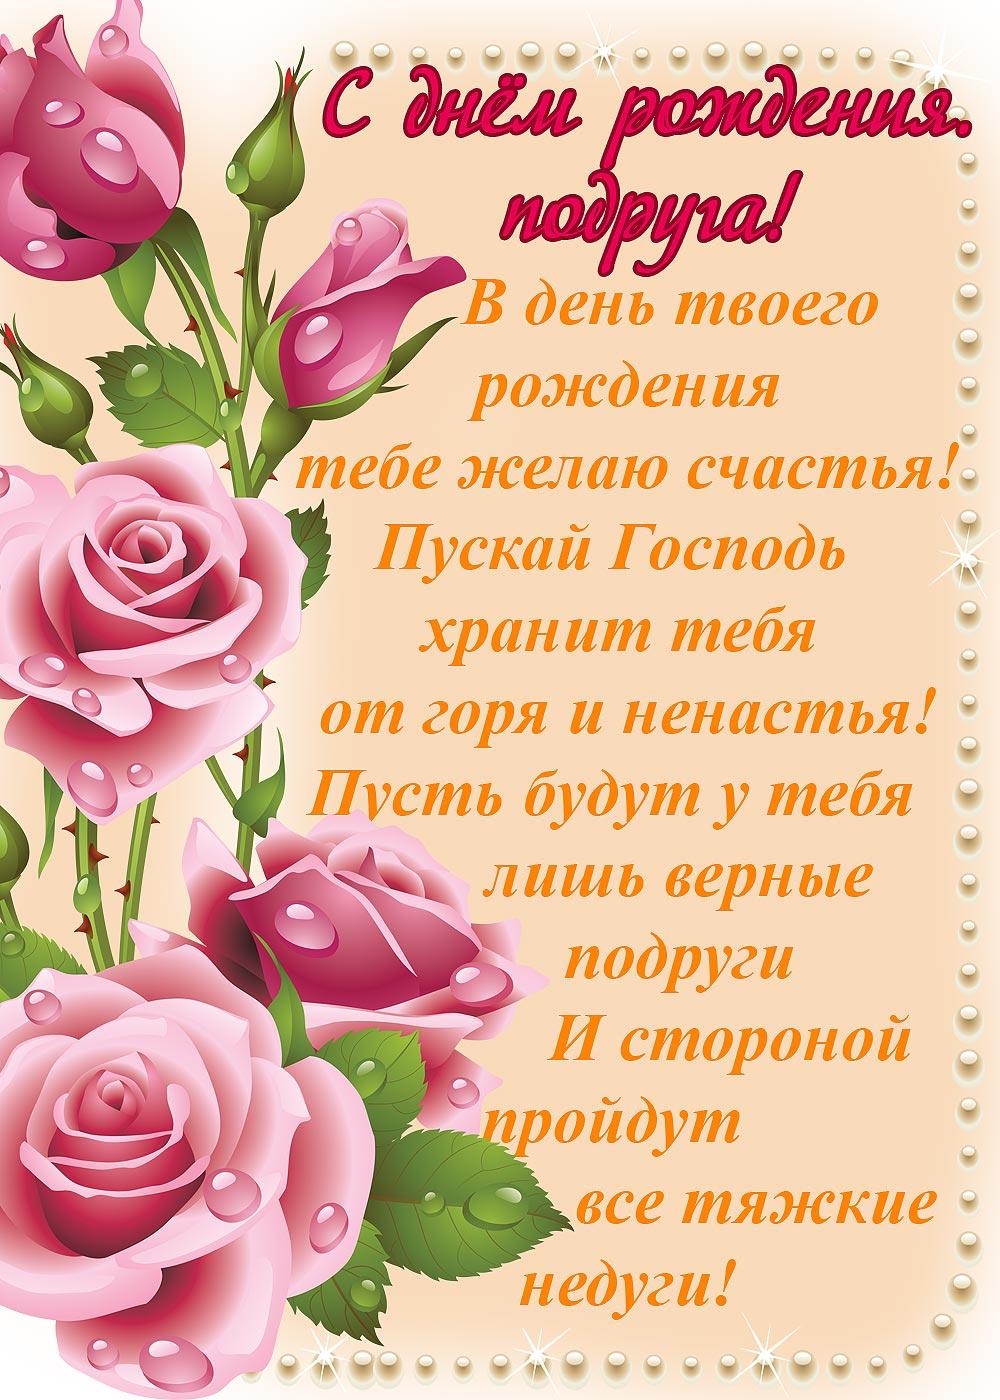 Изображение - Открытка поздравления подруге с днем рождения dayname_ru_245